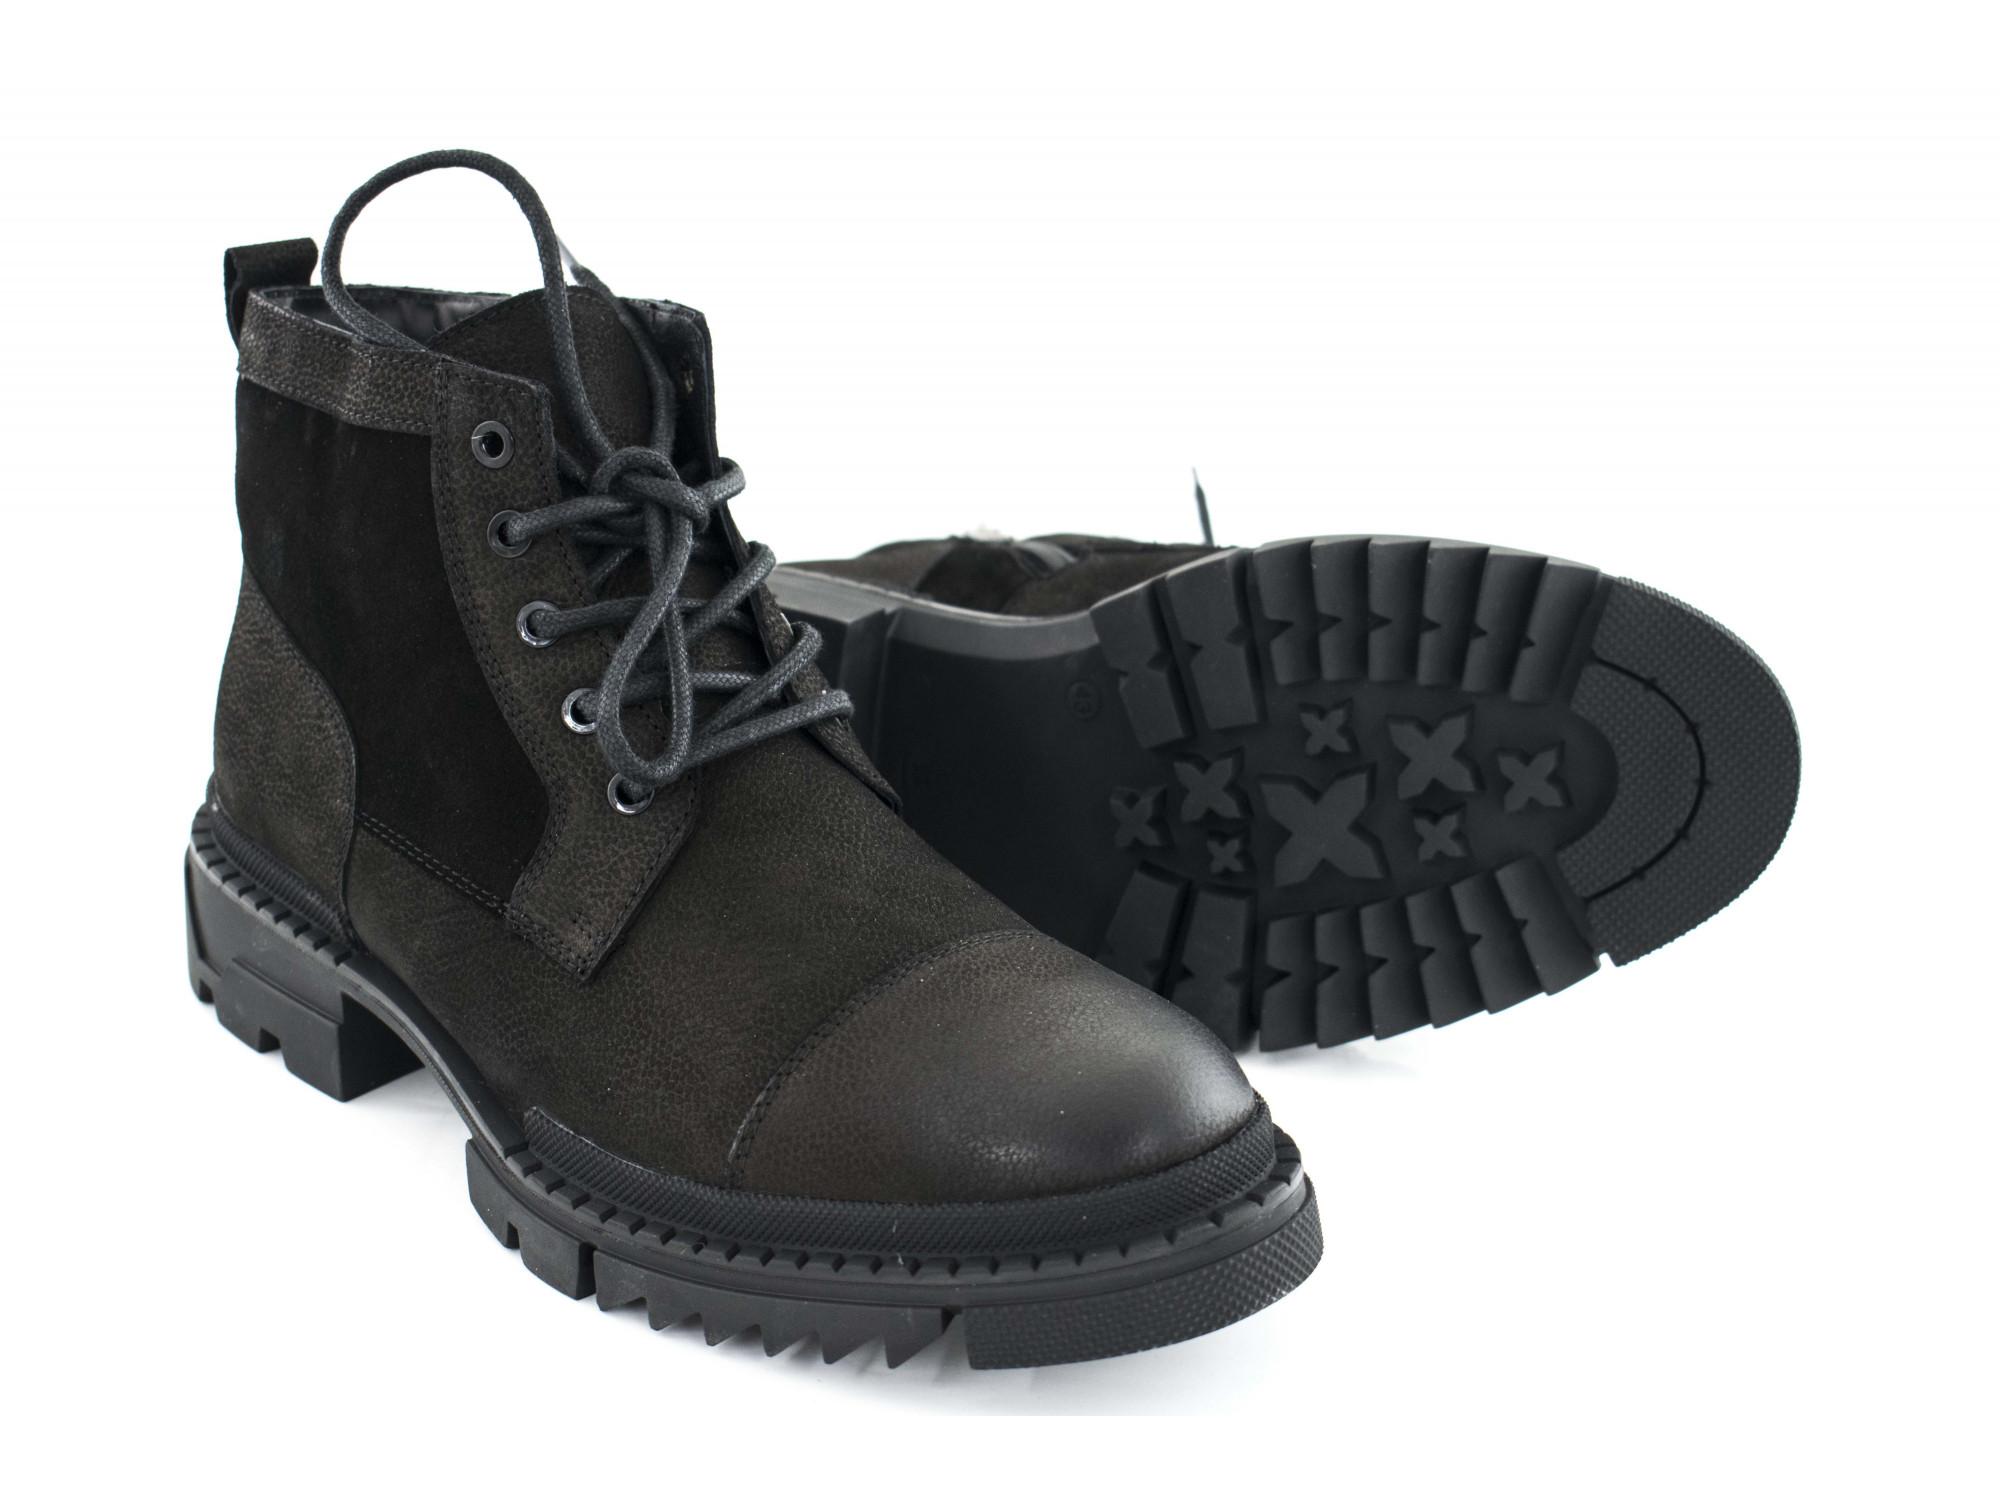 Ботинки Kadar 3622625-Ш